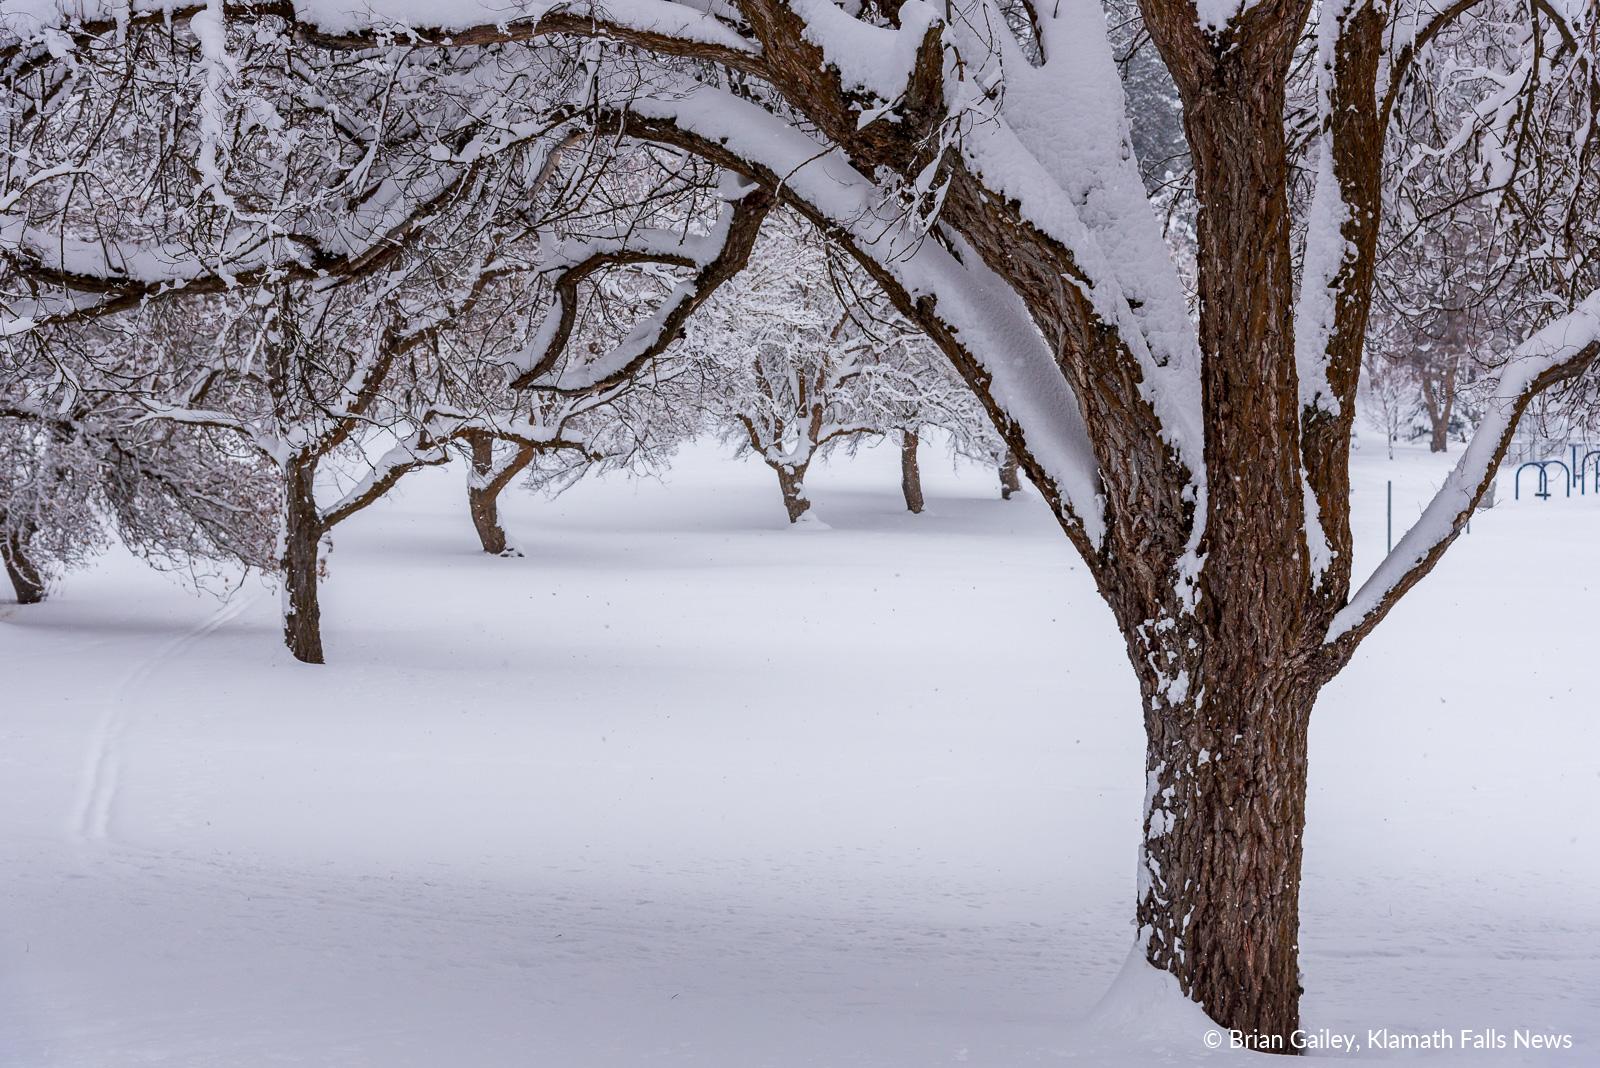 20190213-Snow-KFN-7842.jpg